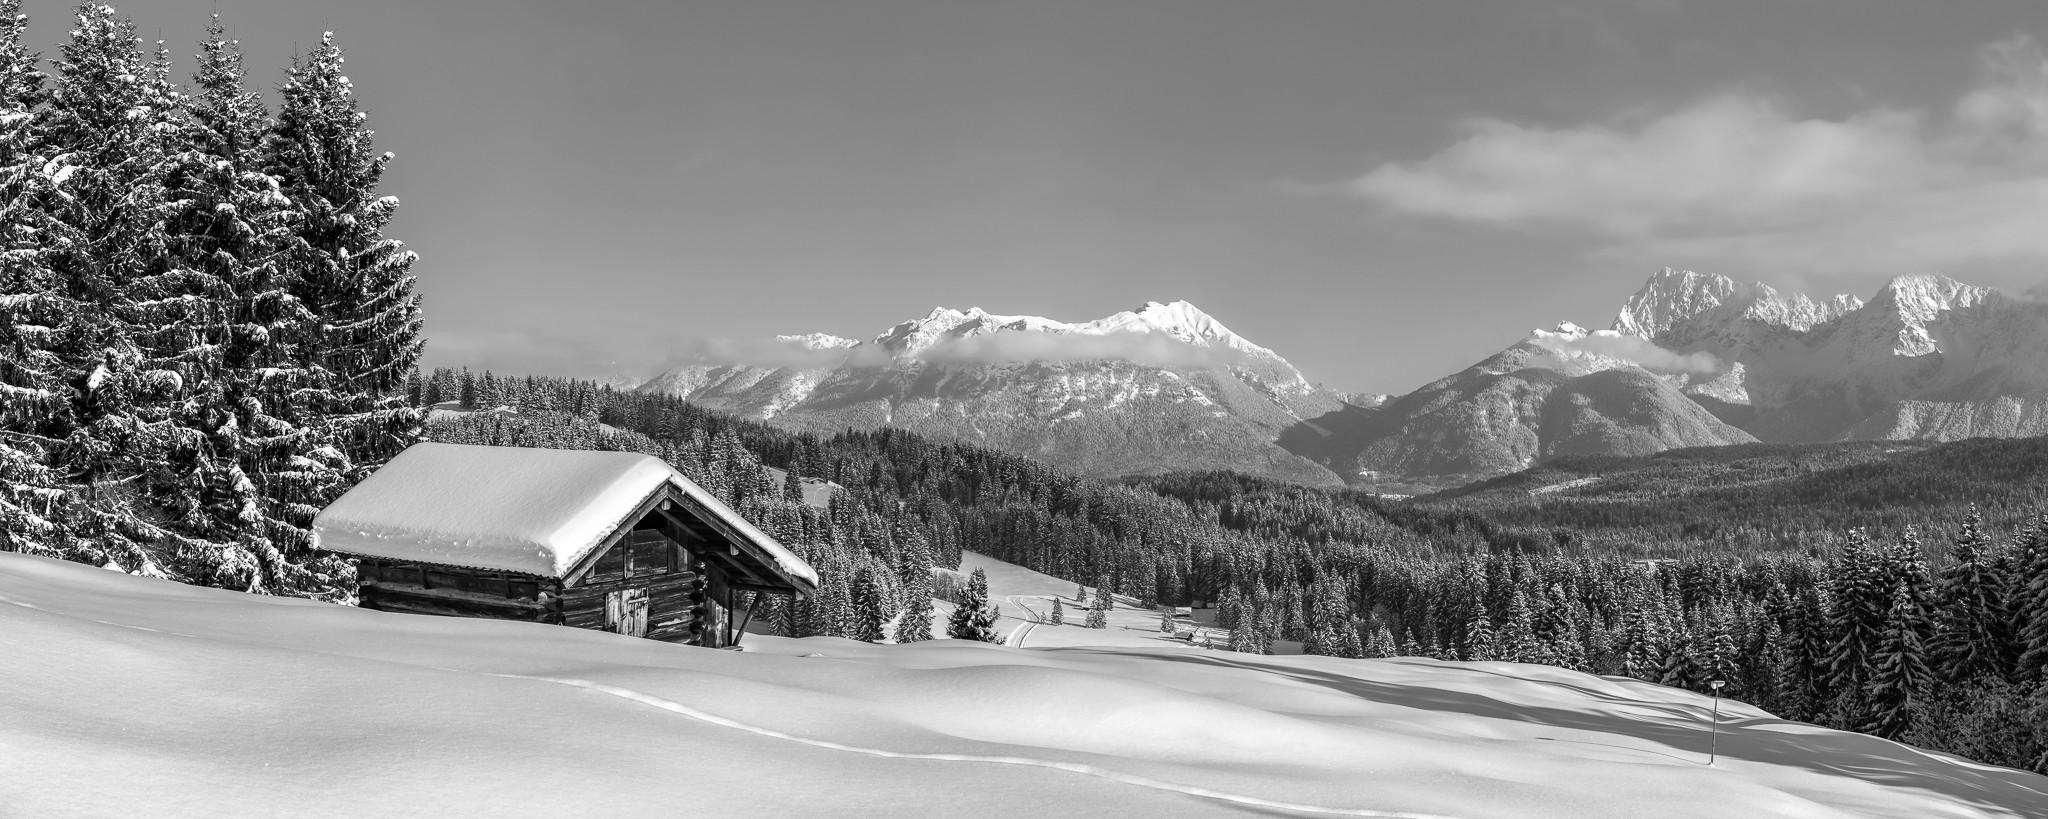 Elmauer-Alm Wintertraum schwarz-weiß